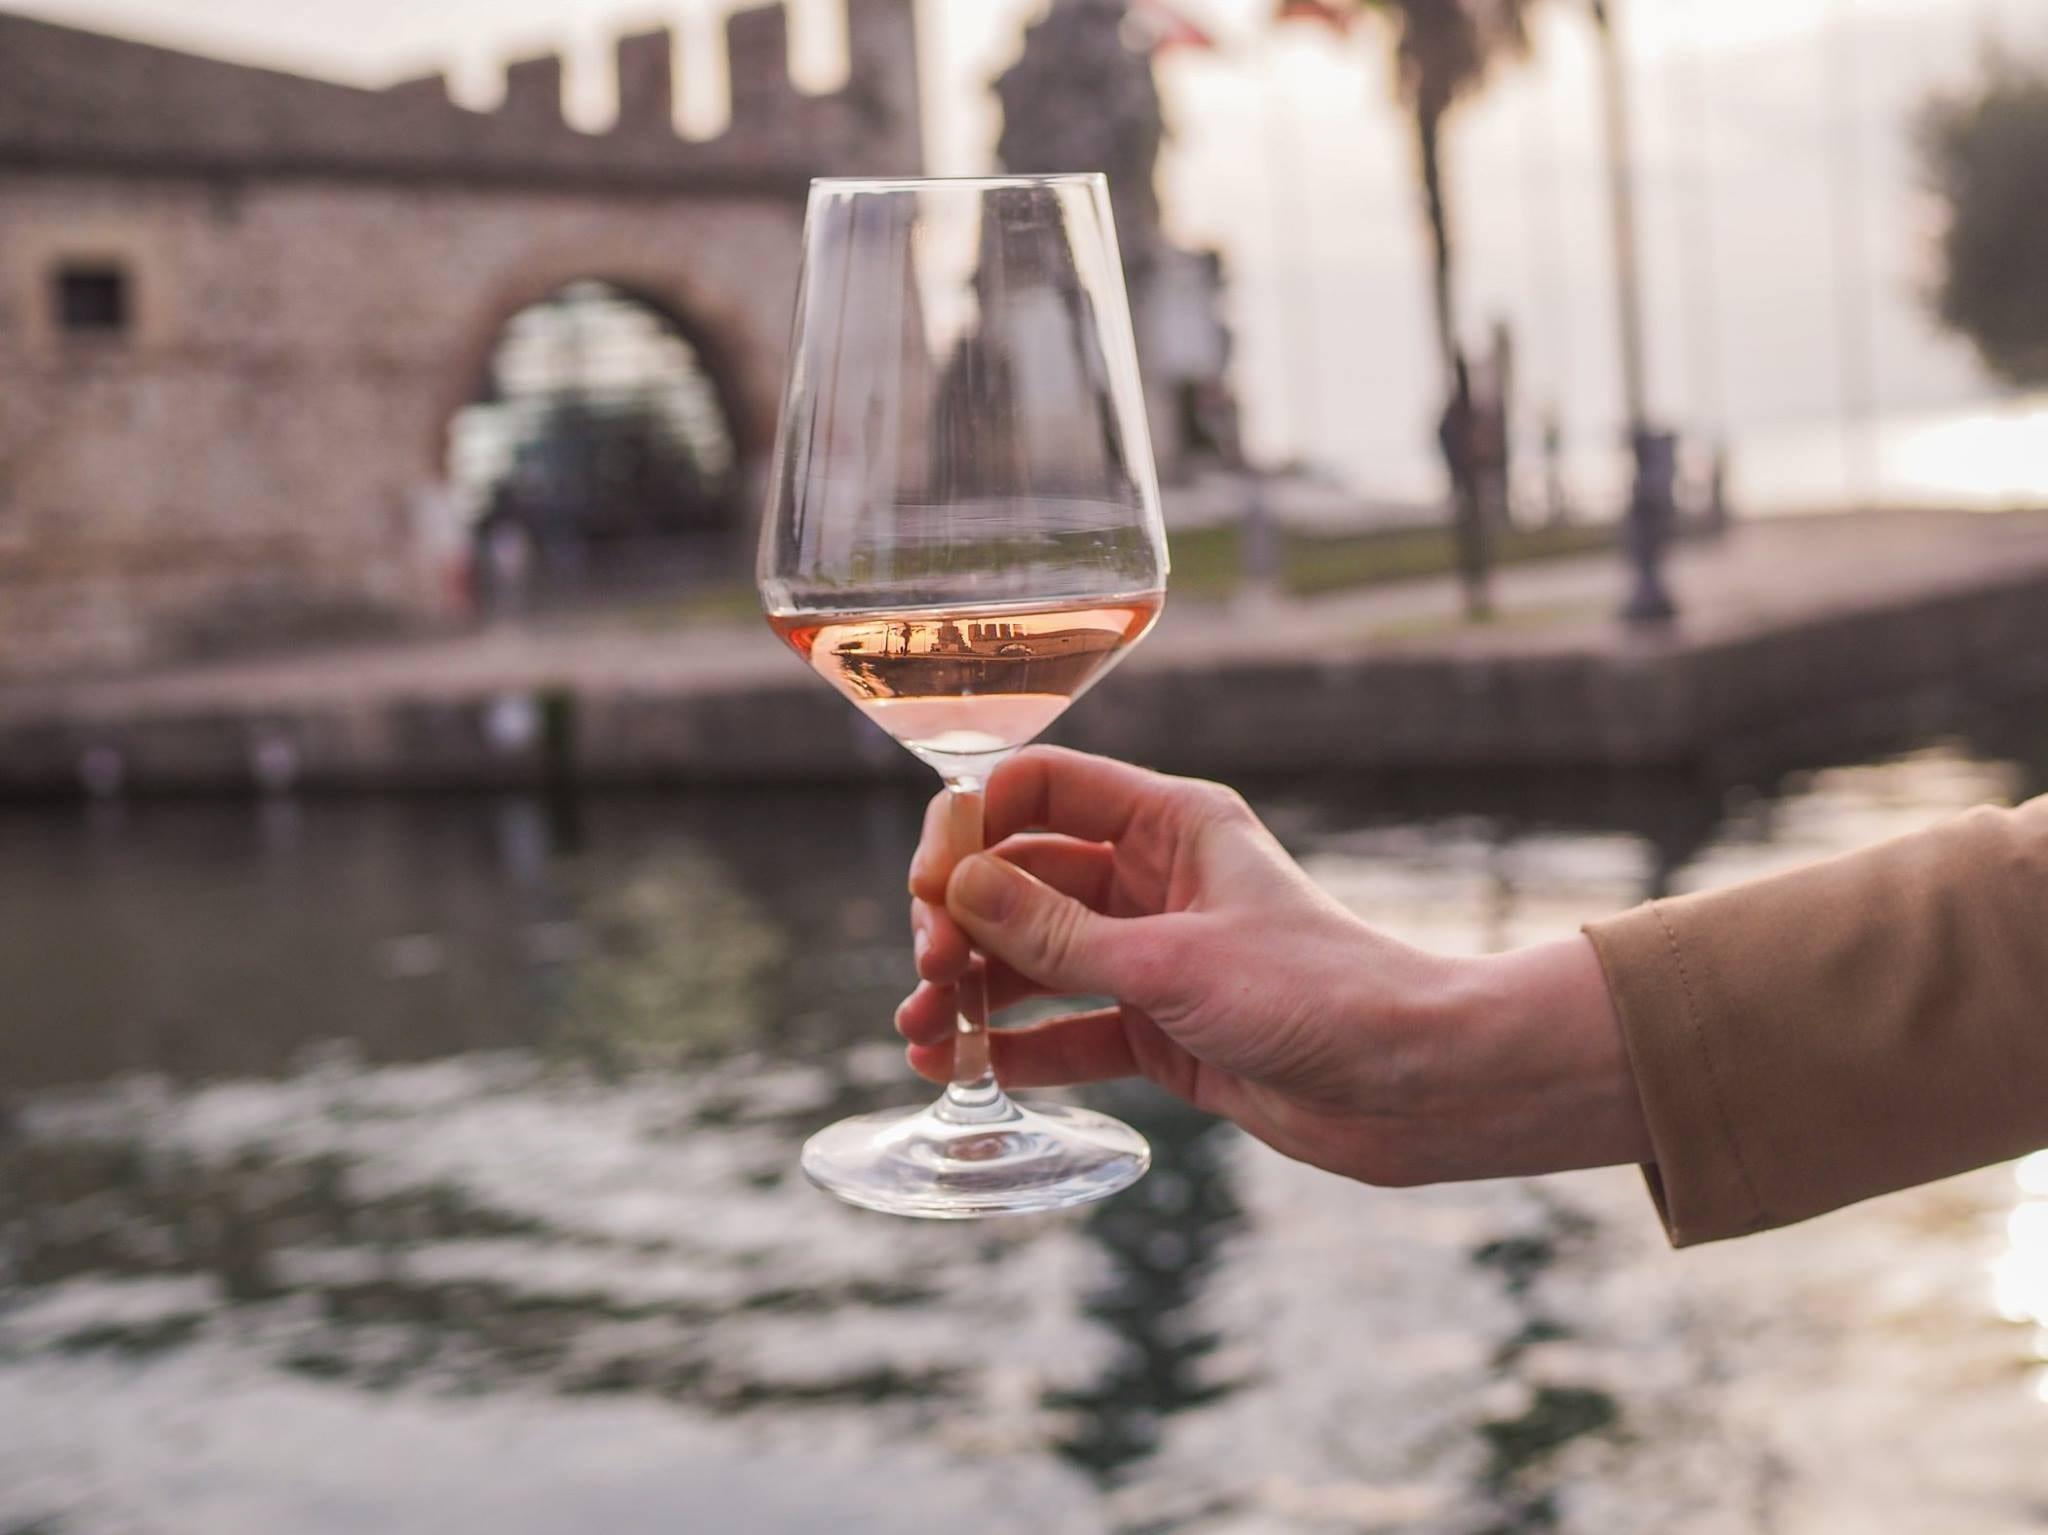 vini rosati, un bicchiere tenuto davanti a un canale